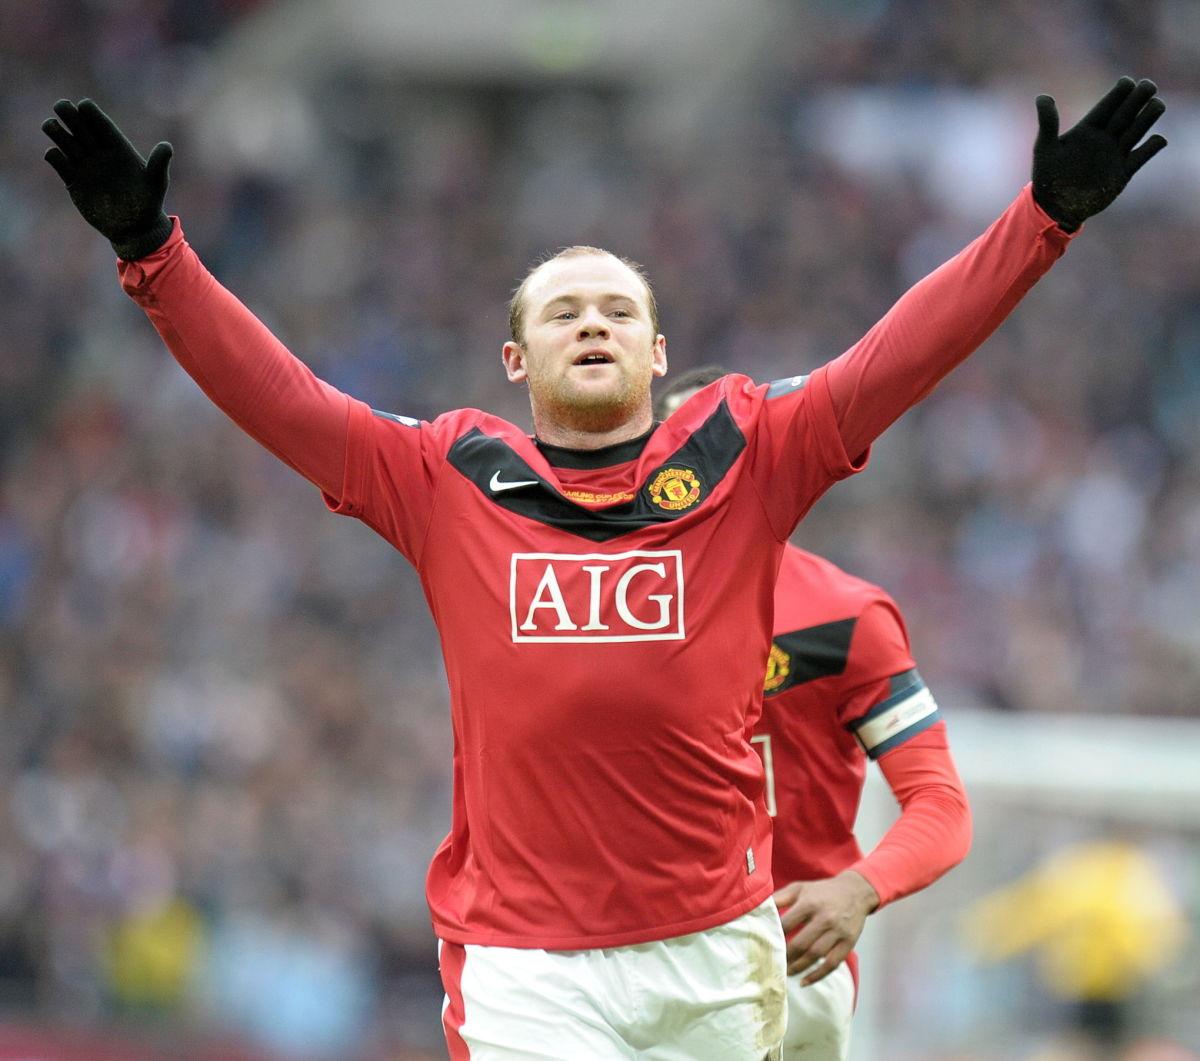 manchester-united-s-english-striker-wayn-5c790eccdeb8e97da0000001.jpg